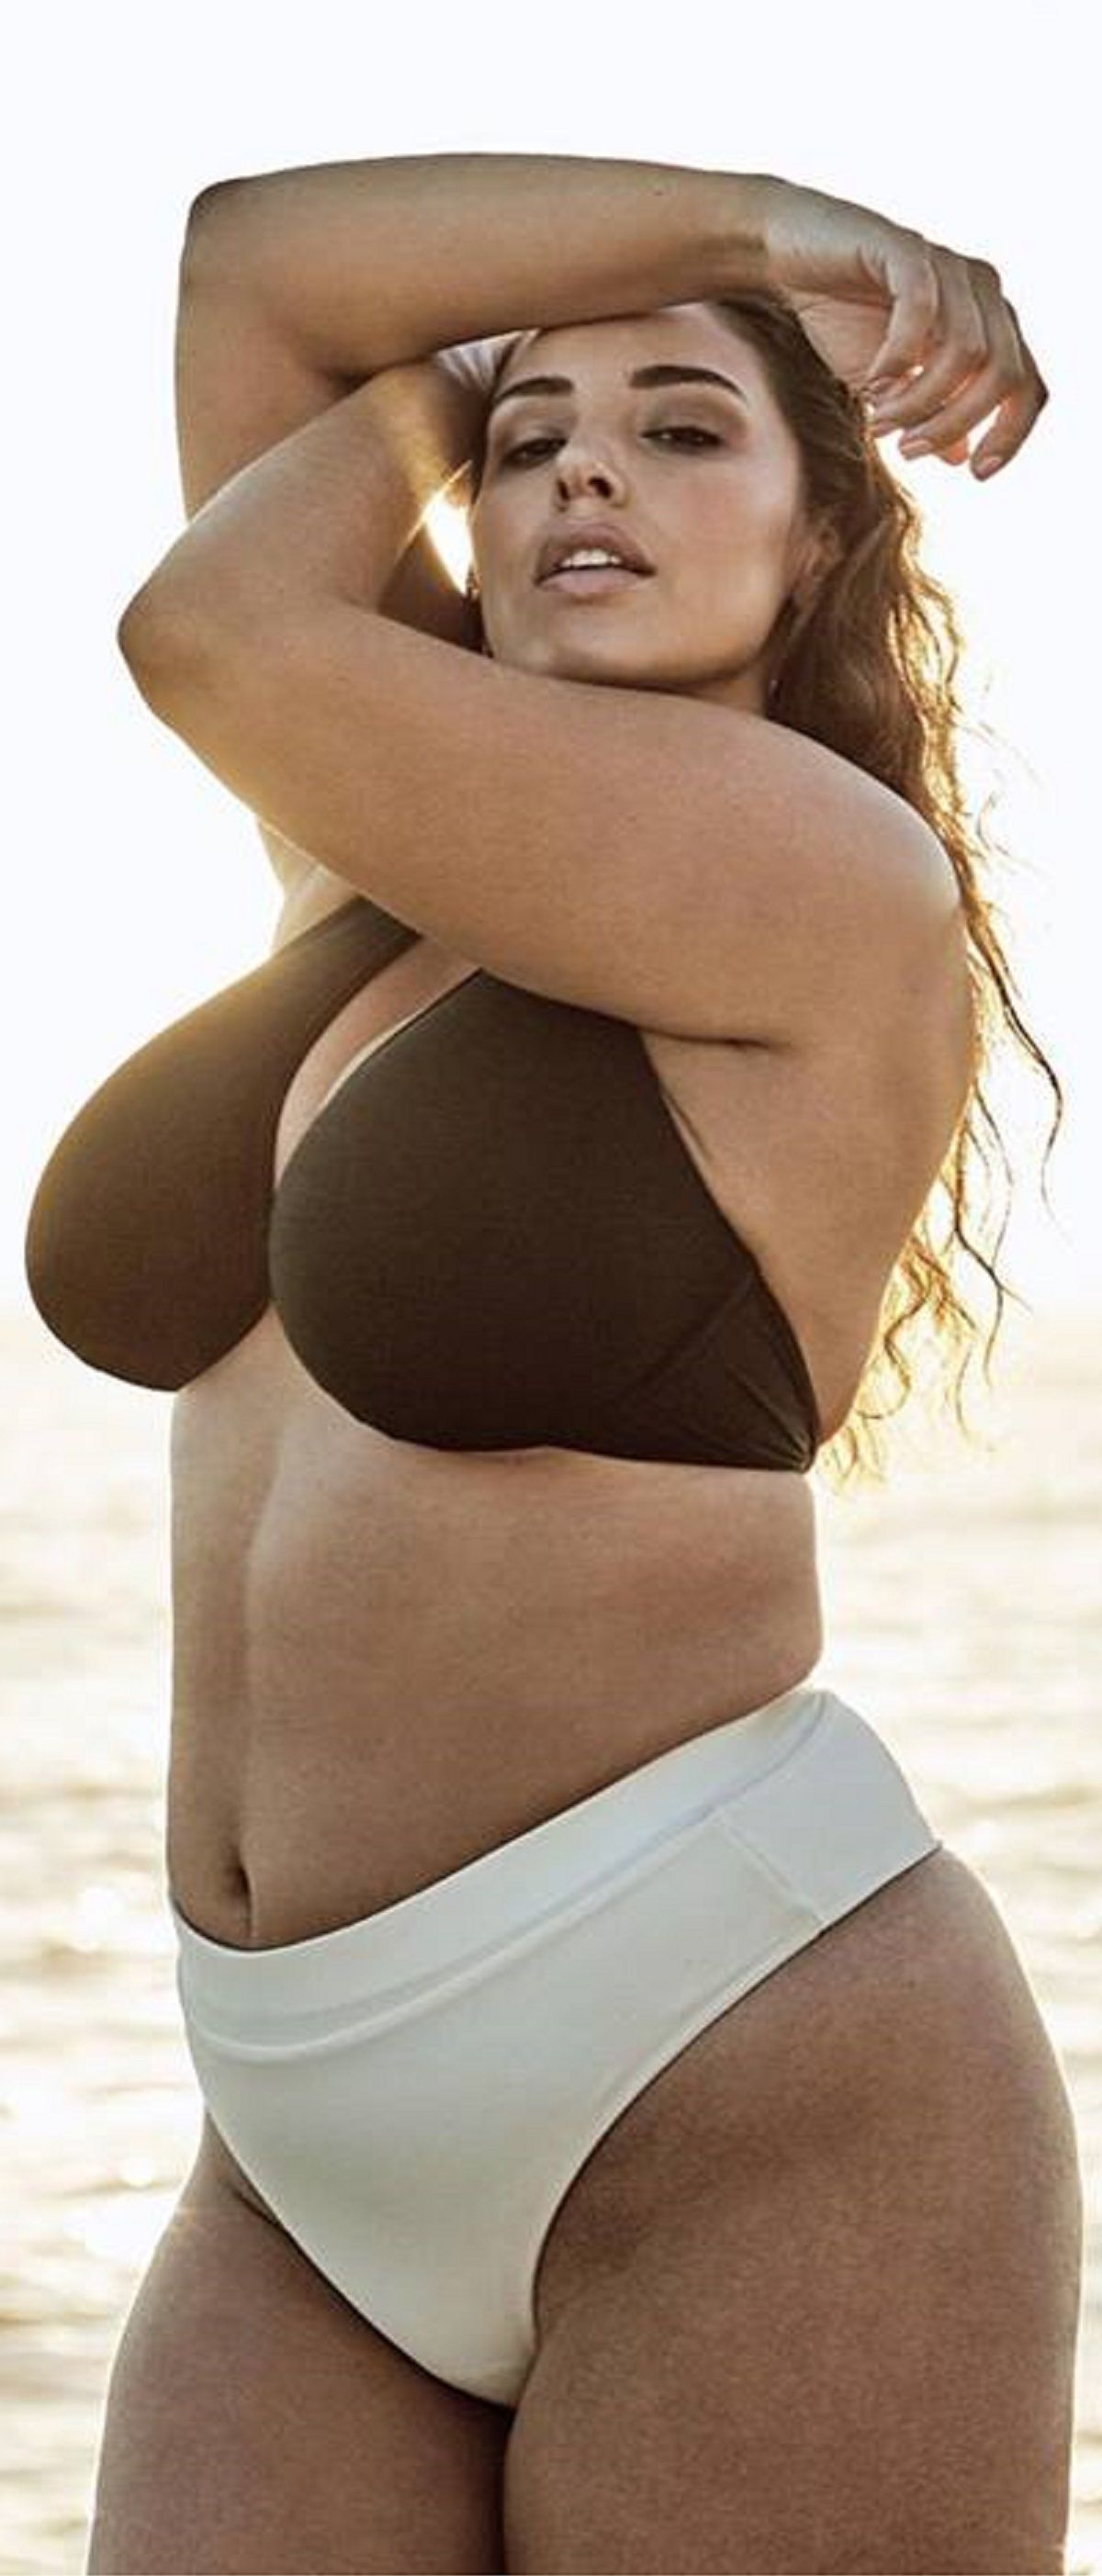 Mia wasikowska bikini